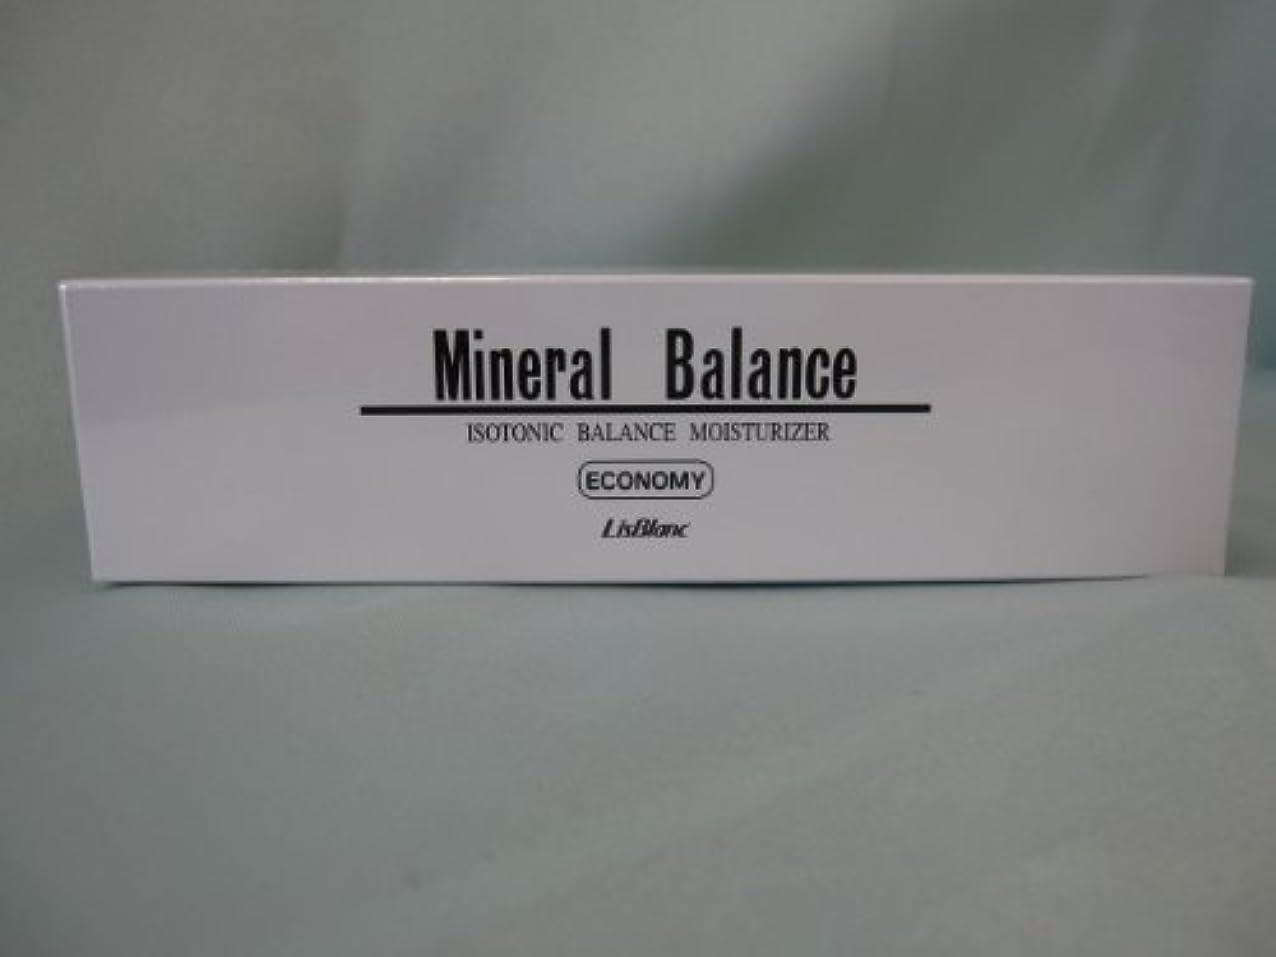 リスブラン 薬用ミネラルバランス 100g